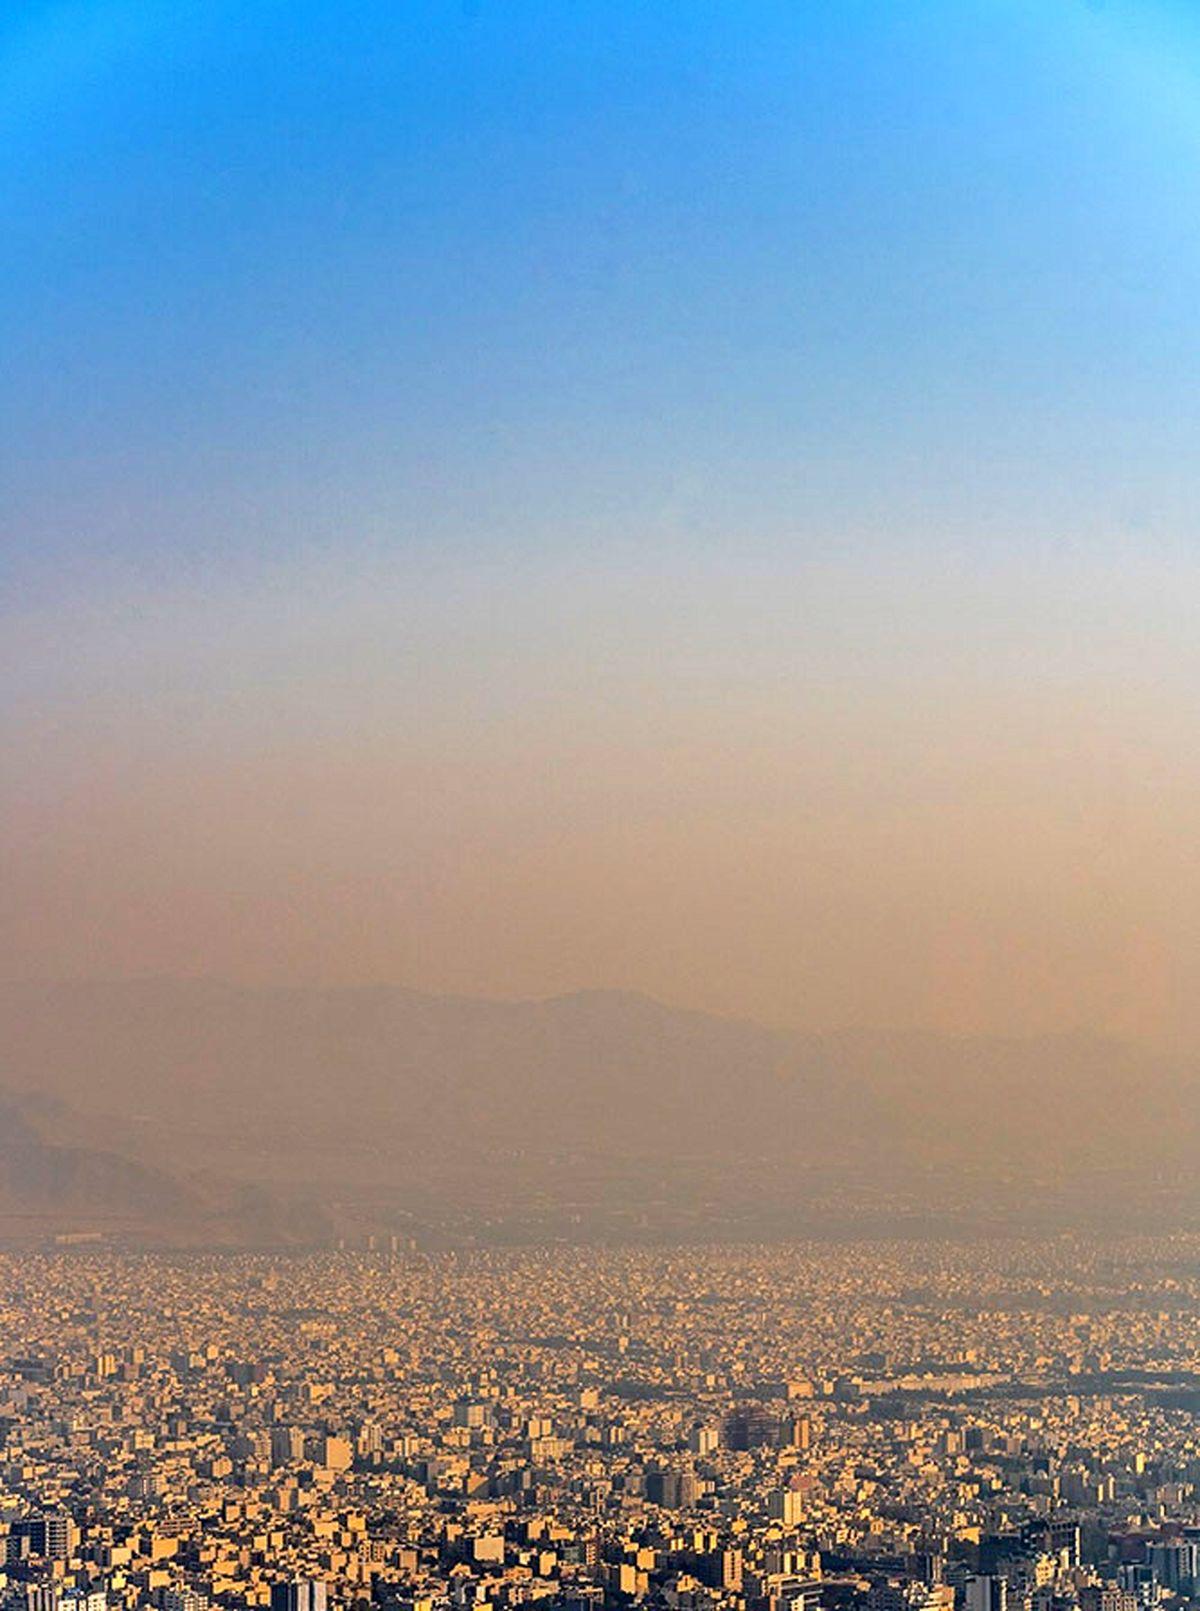 فوتیهای آلودگی هوا در جهان بیش از کروناییها است